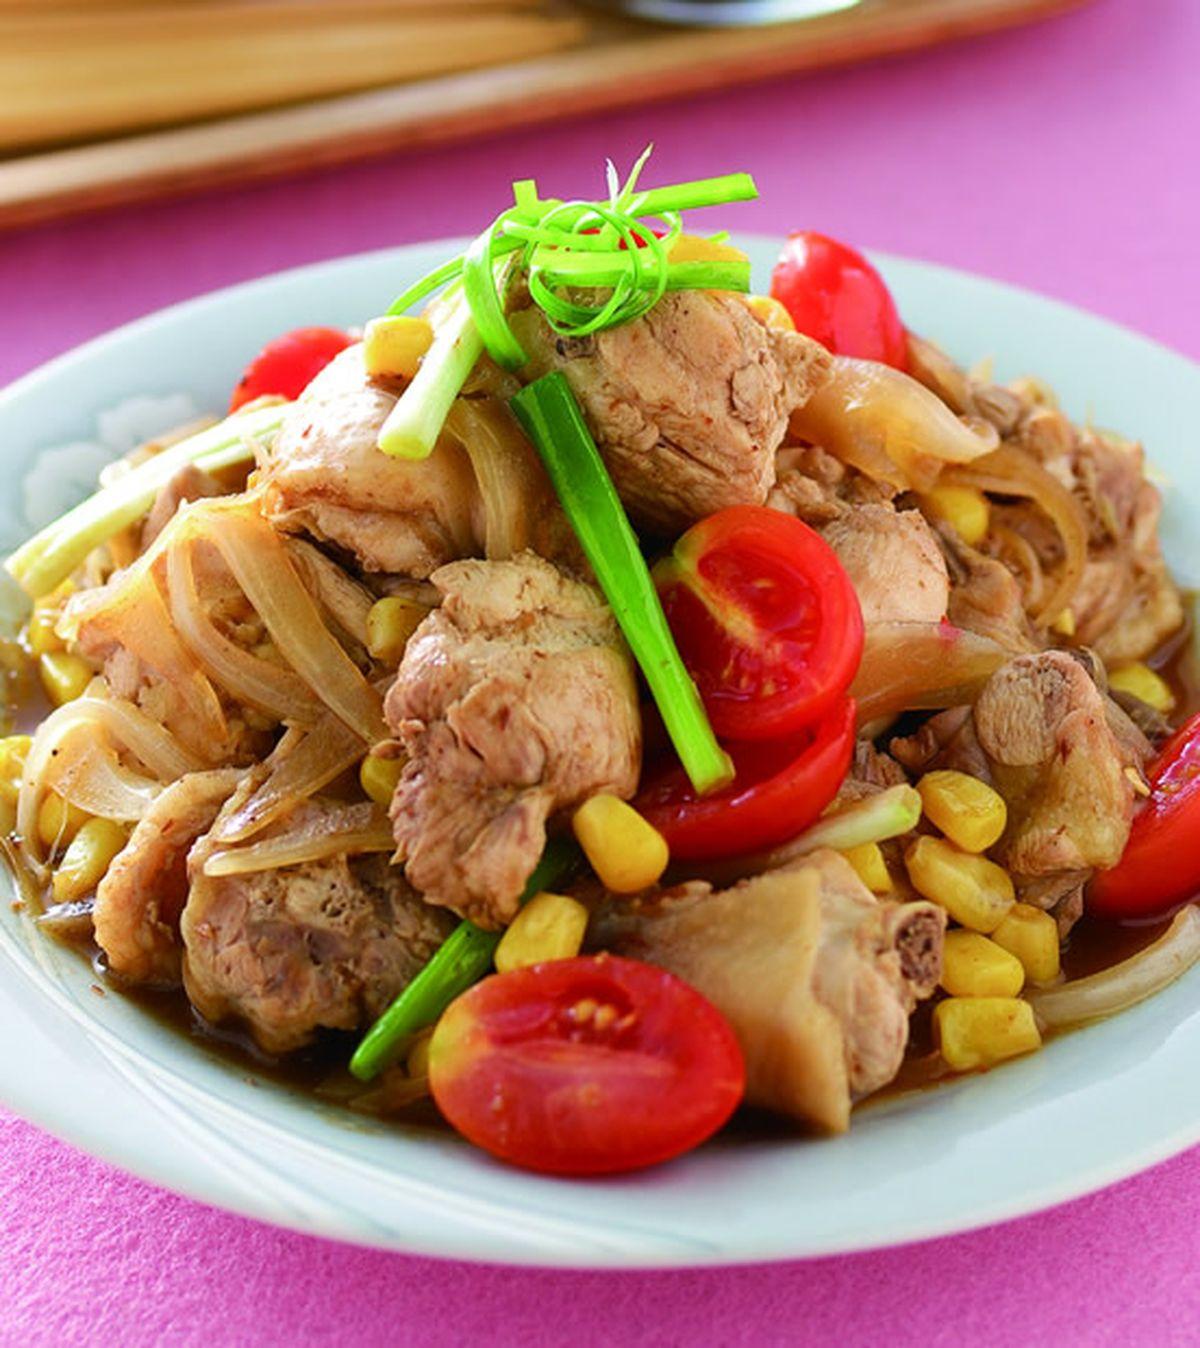 食譜:燒烤醬炒玉米雞塊